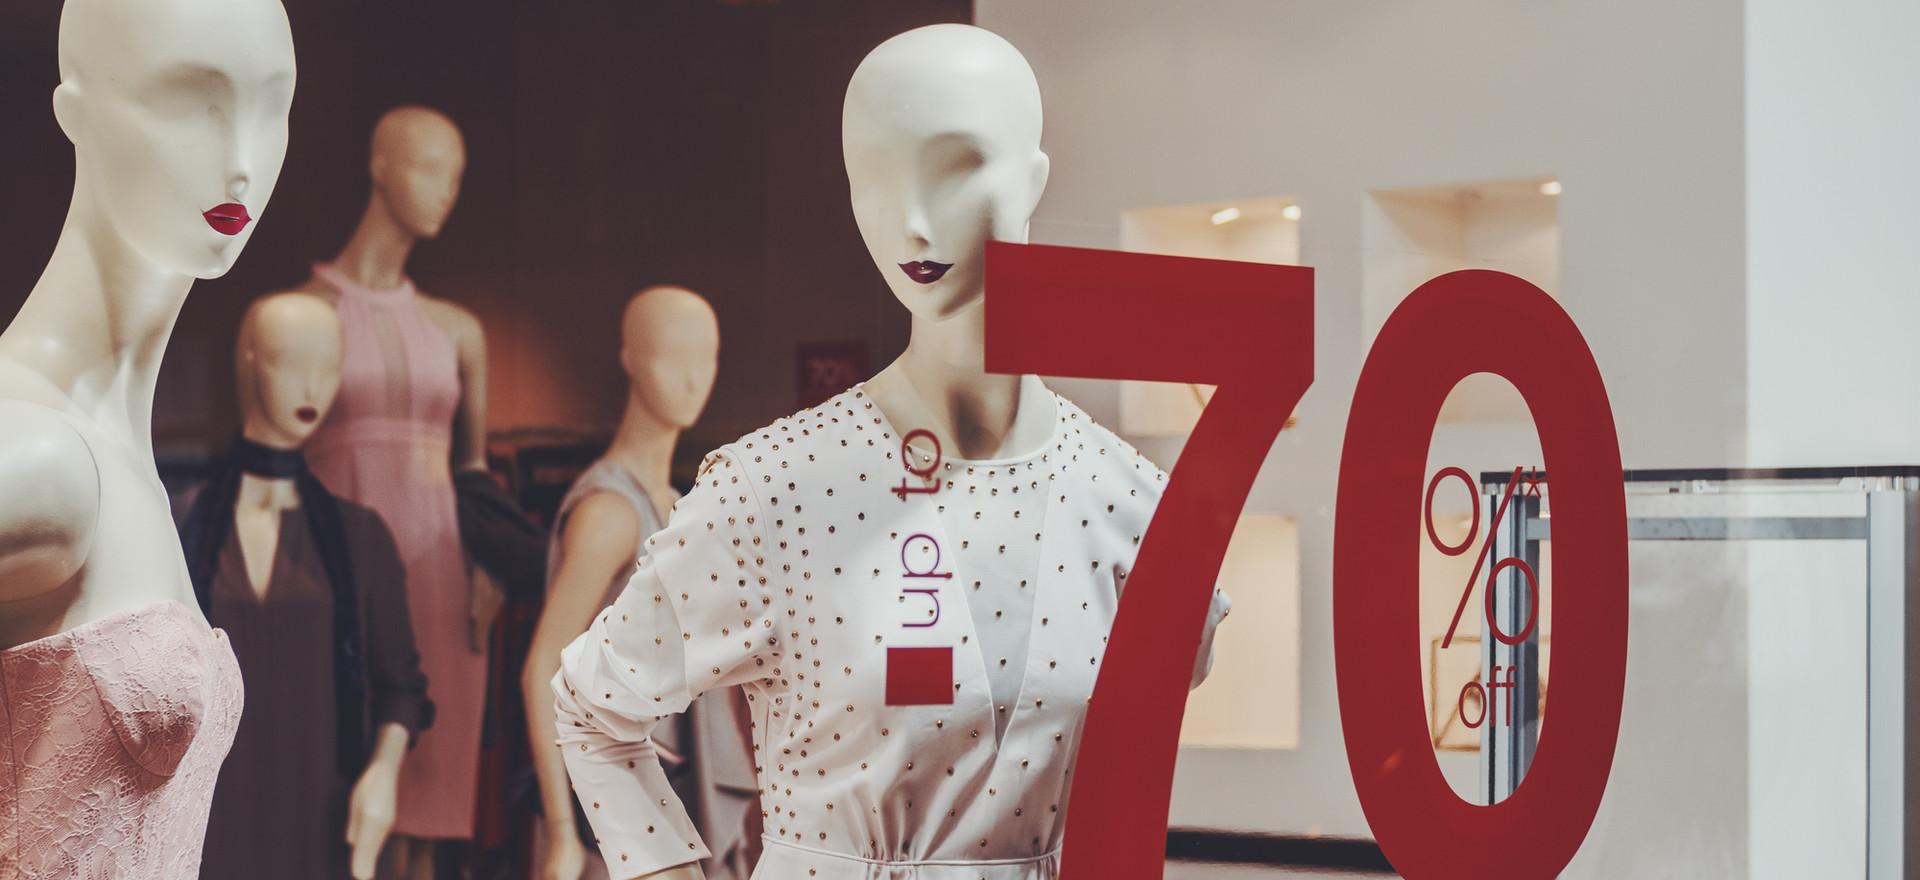 Cupons de desconto geram R$ 6 bilhões no e-commerce em 2020 | LER